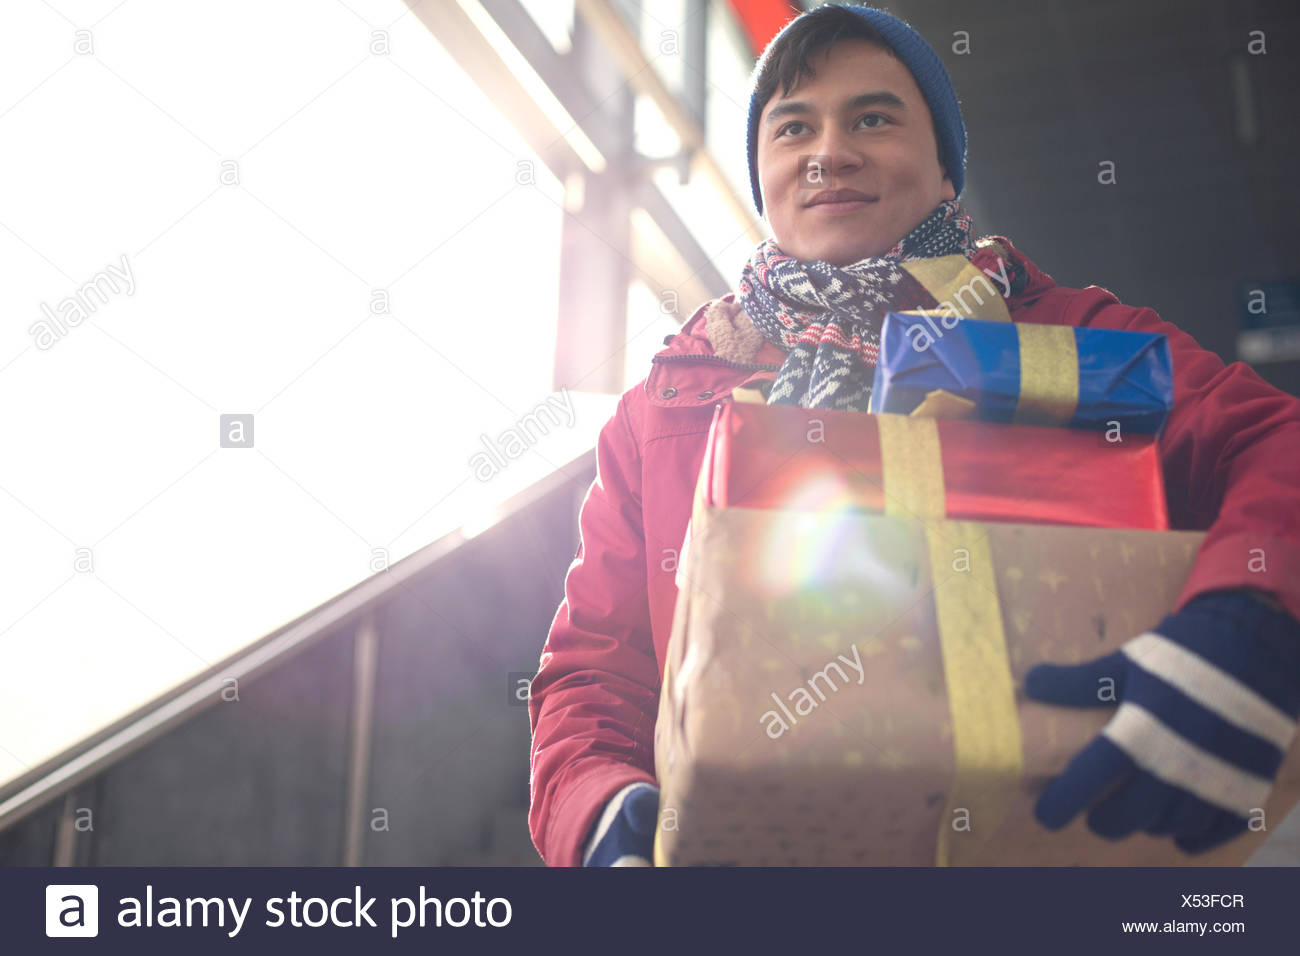 Basso angolo di visione dell uomo sorridente holding doni dalla finestra Immagini Stock